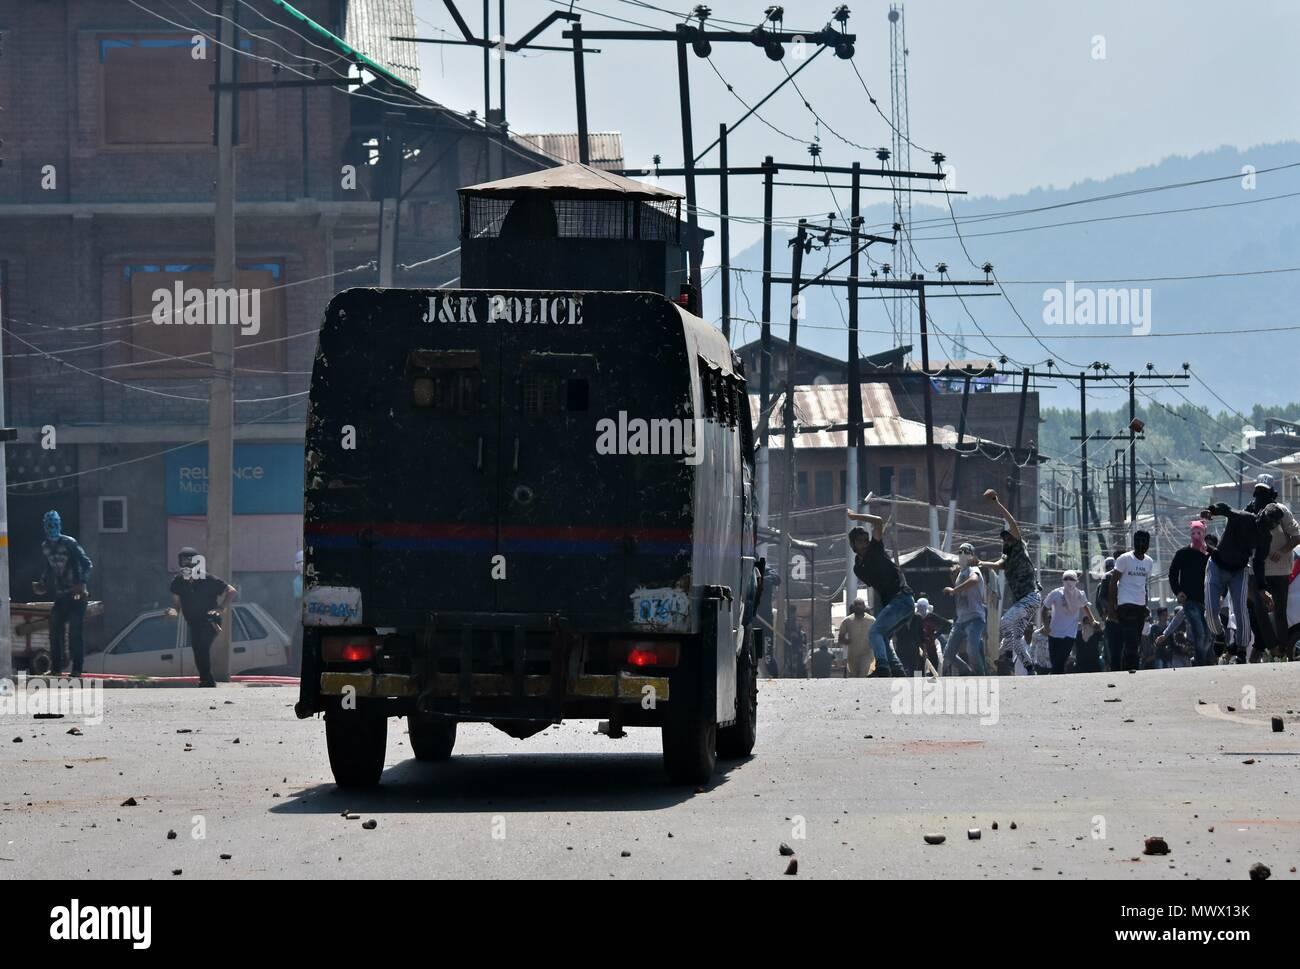 India Police Car Stock Photos & India Police Car Stock